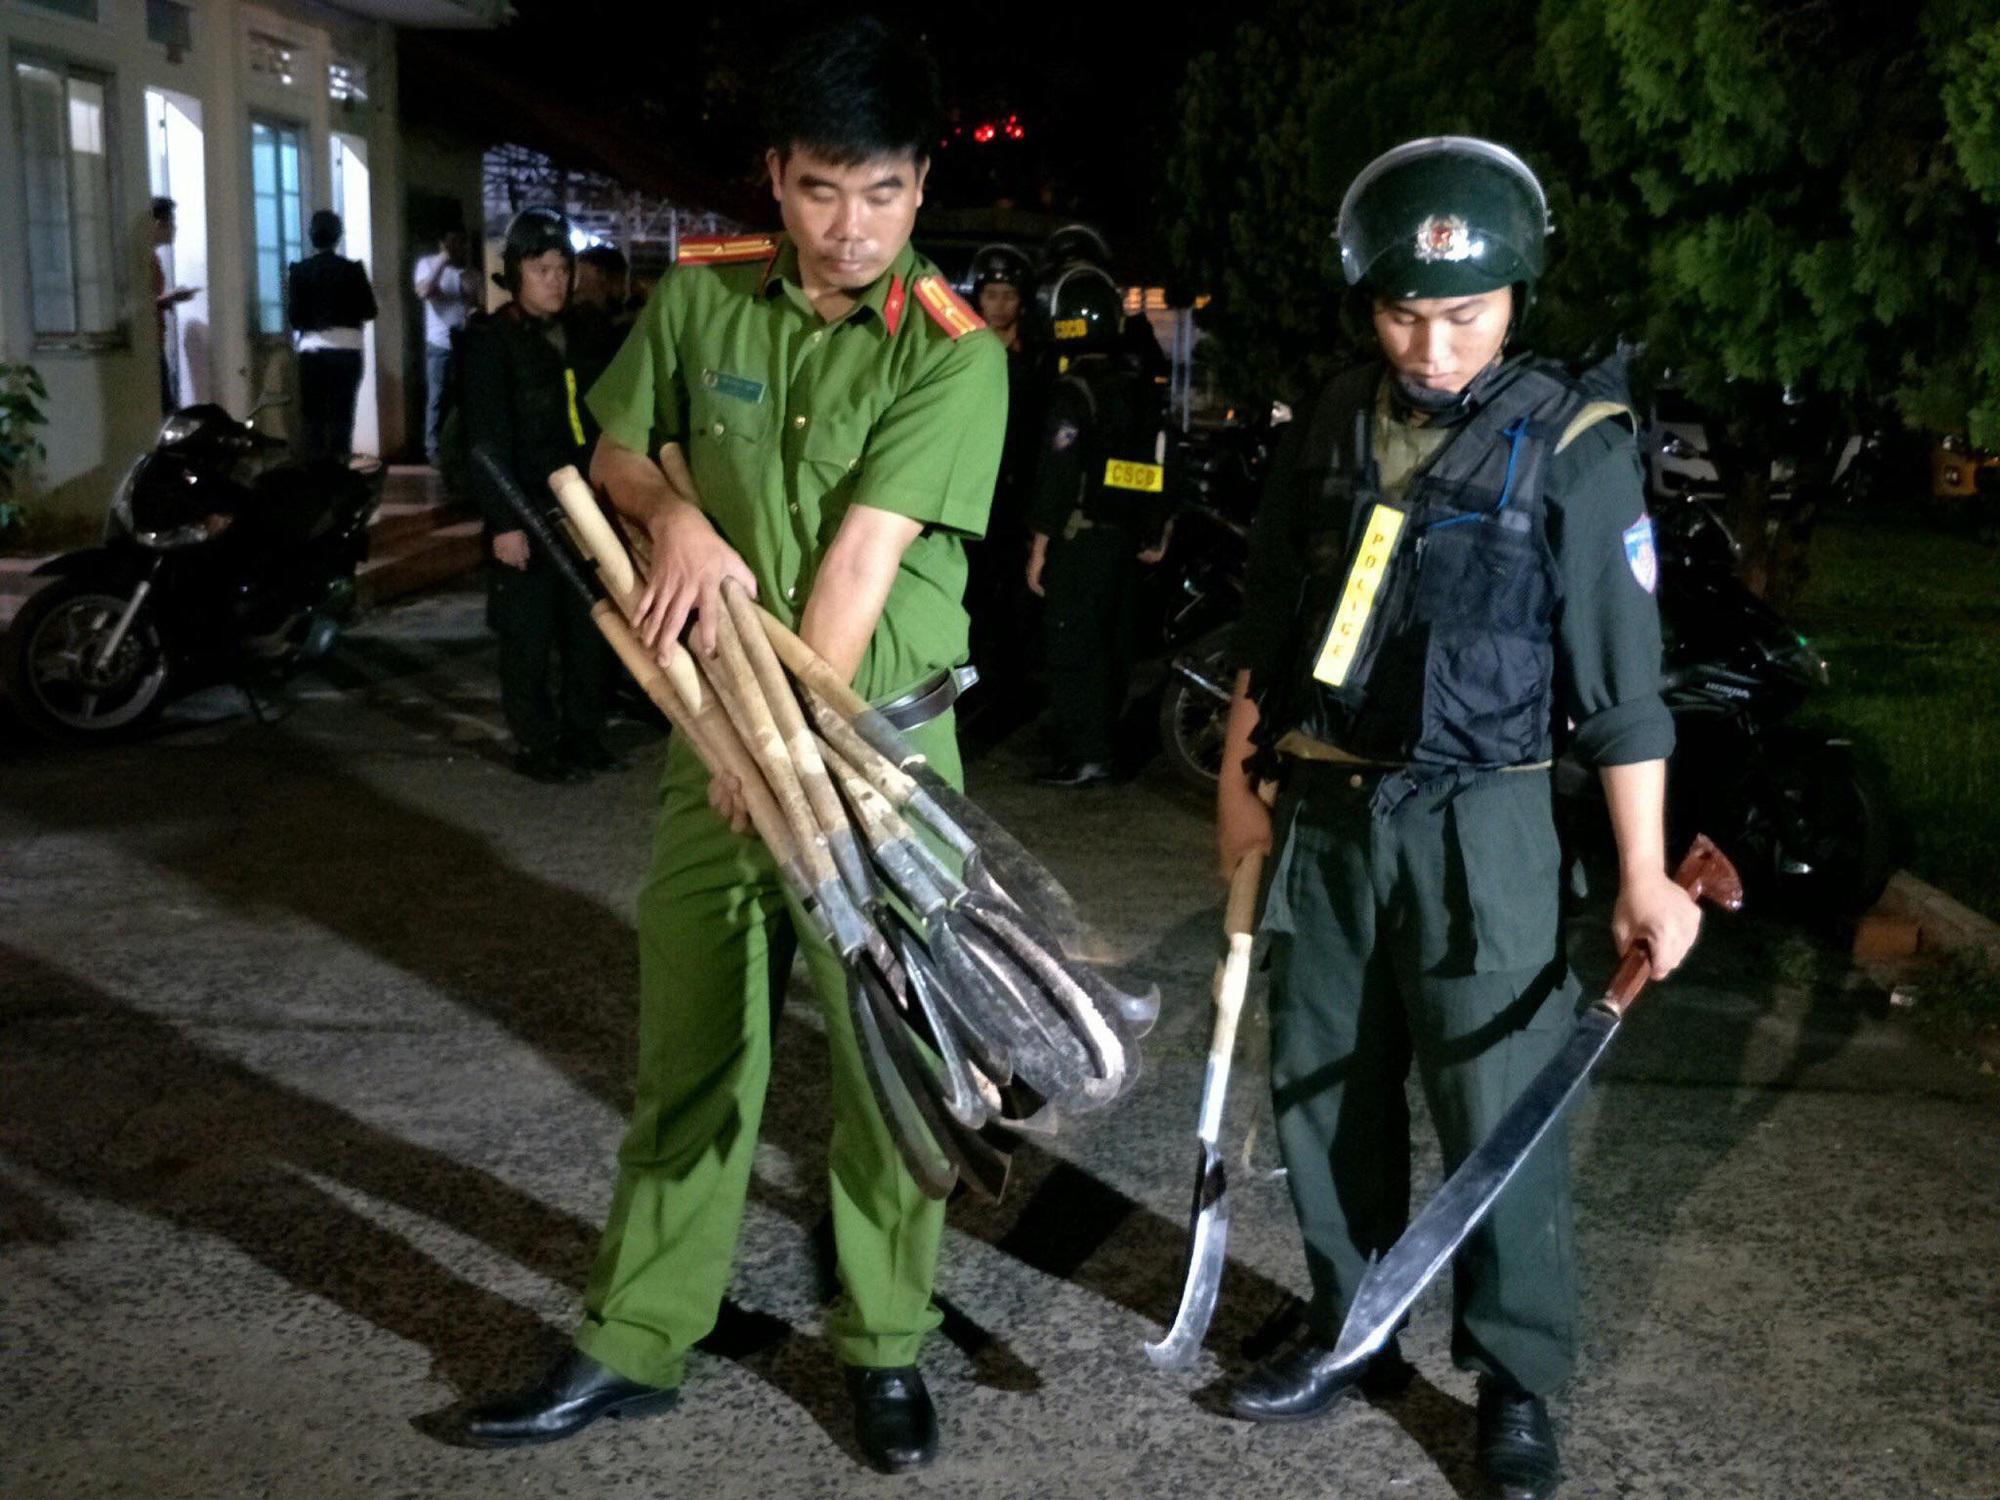 Đắk Lắk: Hàng trăm công an truy bắt 2 nhóm đưa hung khí, bom xăng đi hỗn chiến